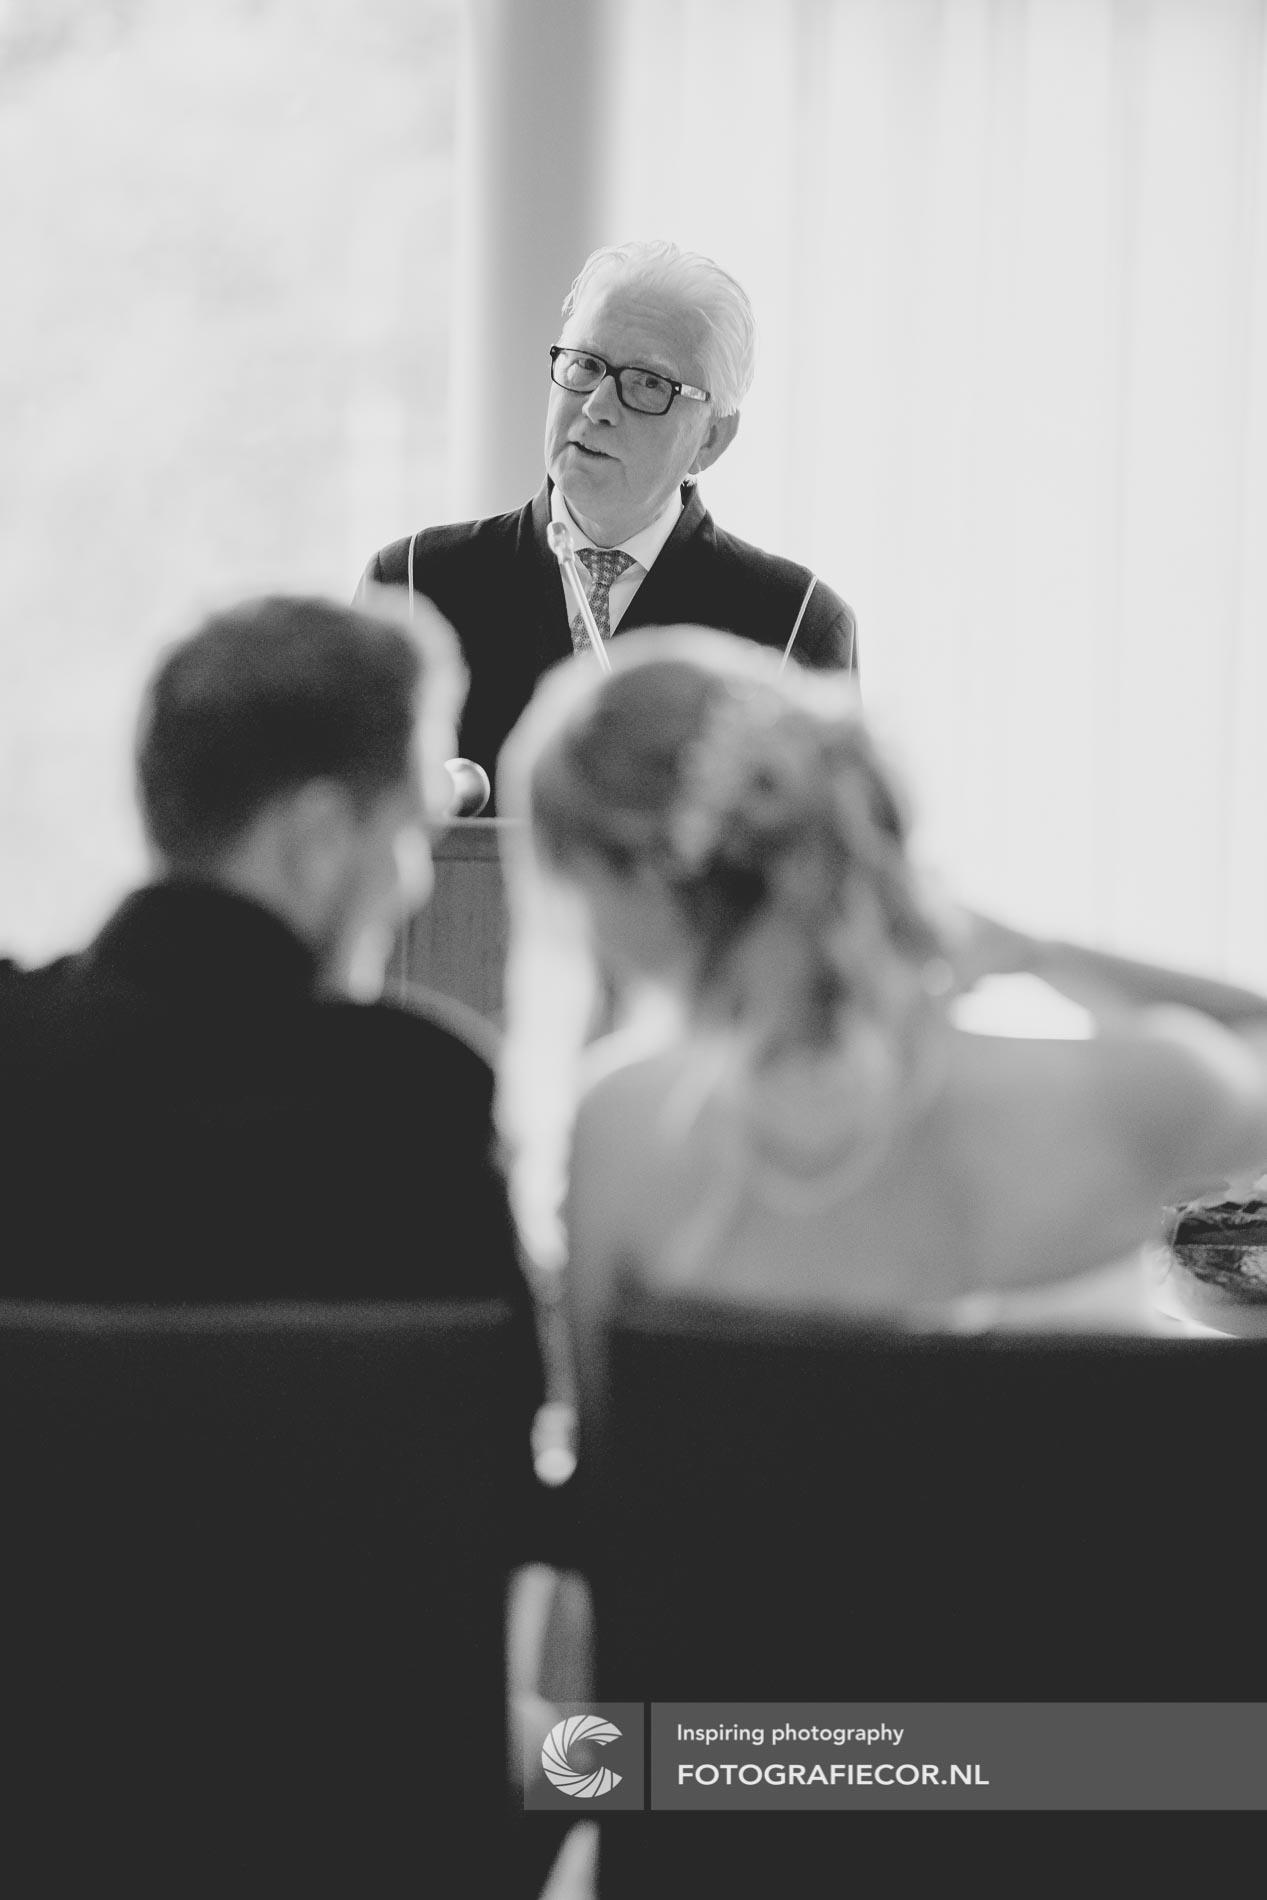 Trouwlocatie trouwfotograaf | fotoshoot huwelijk | bruidsfotograaf Kampen IJsselmuiden Emmeloord | fotografie voor de mooiste dag